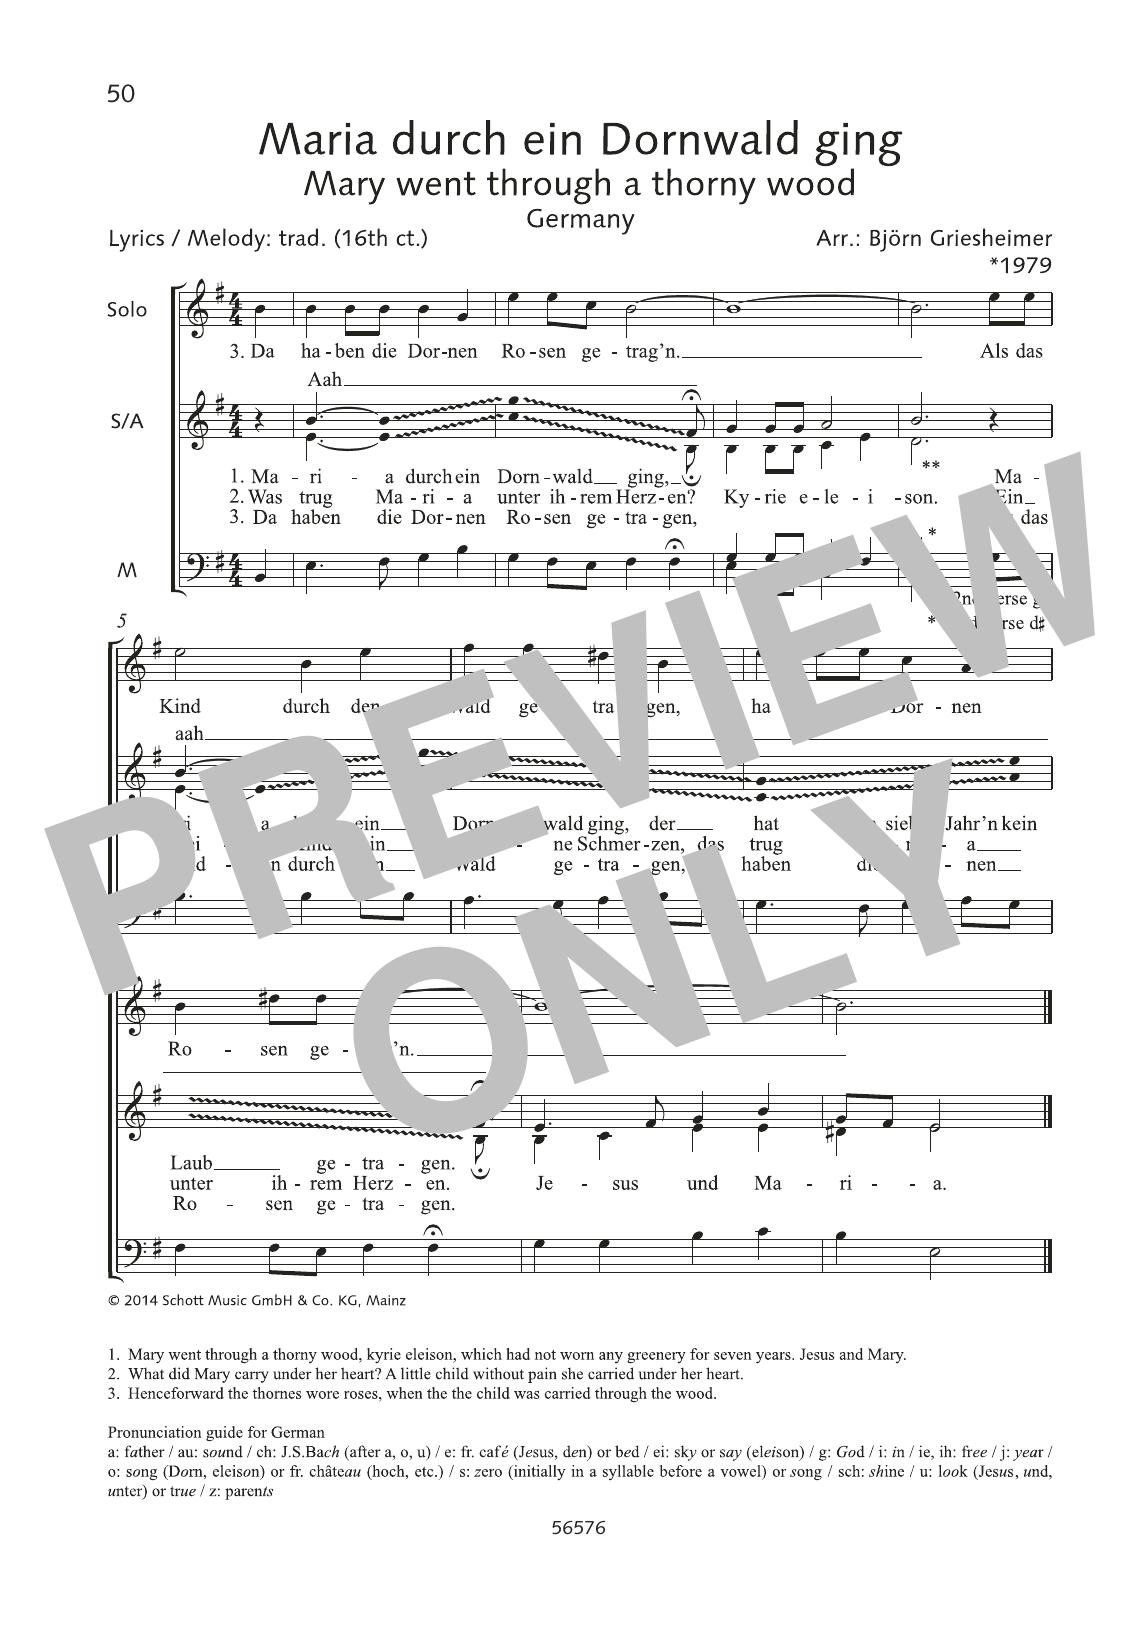 Maria durch ein Dornwald ging Sheet Music